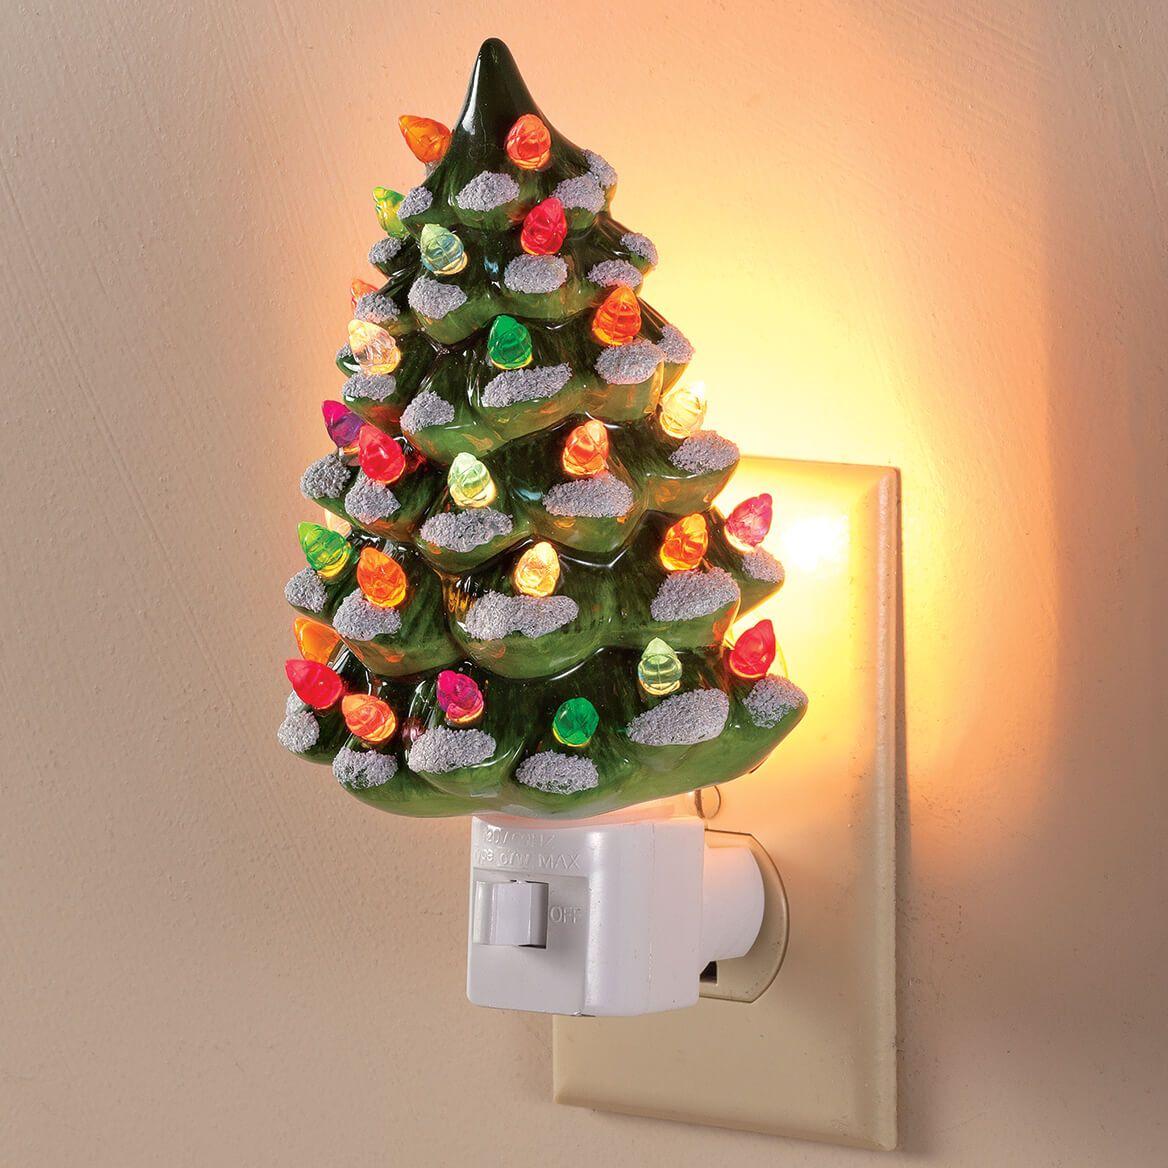 Green Snow Capped Ceramic Tree Night Light Miles Kimball Christmas Tree Night Light Vintage Inspired Christmas Tree Bubble Christmas Lights